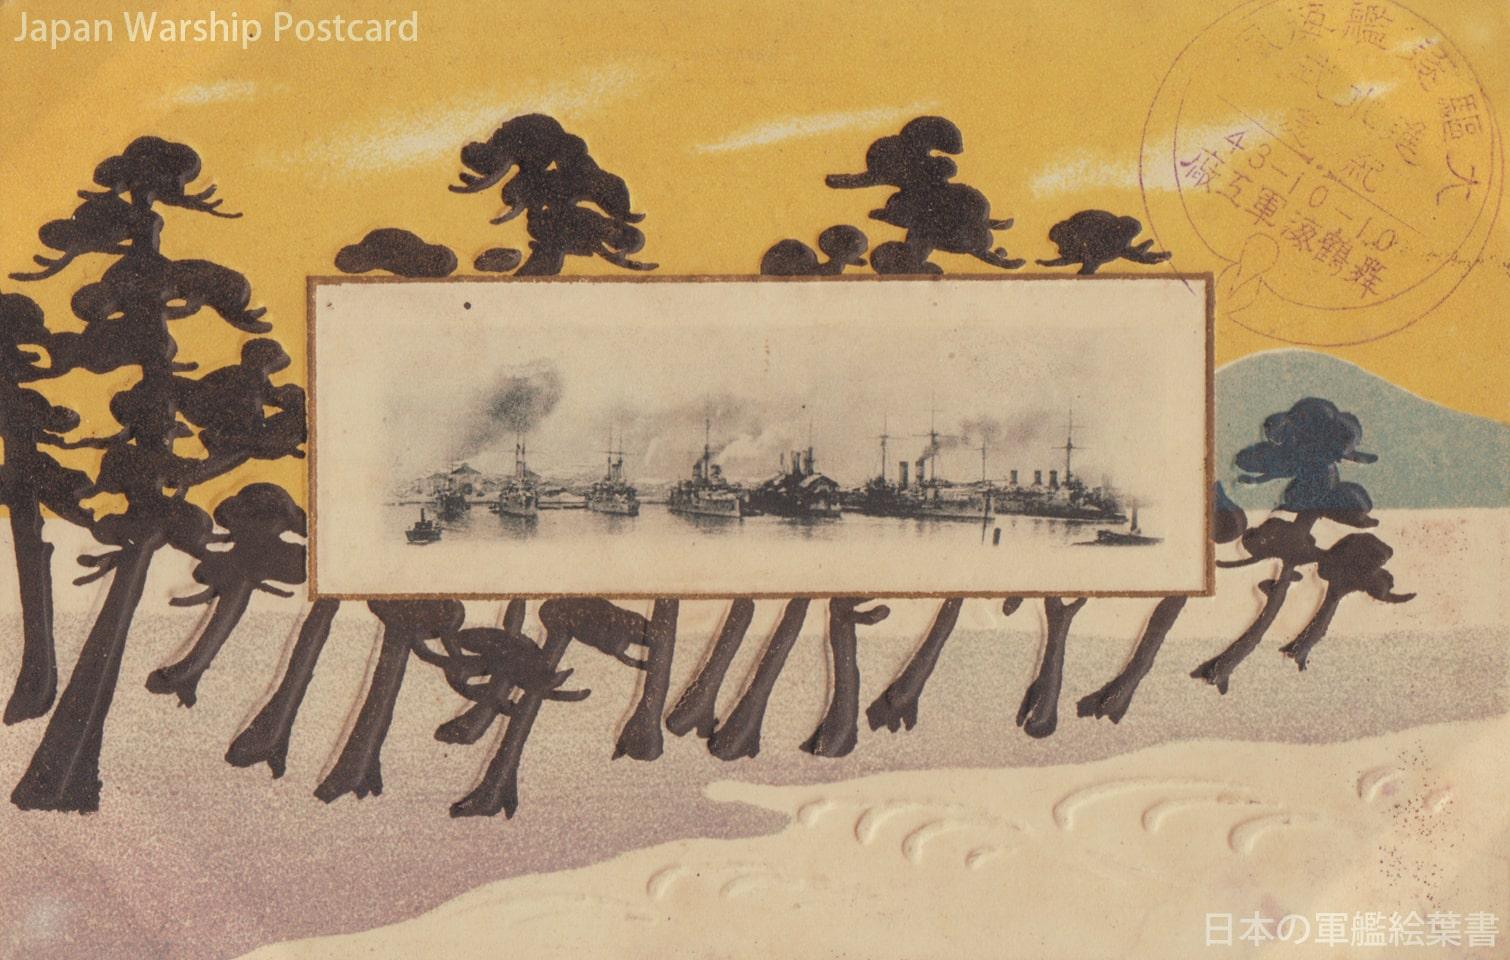 帝国駆逐艦大型海風